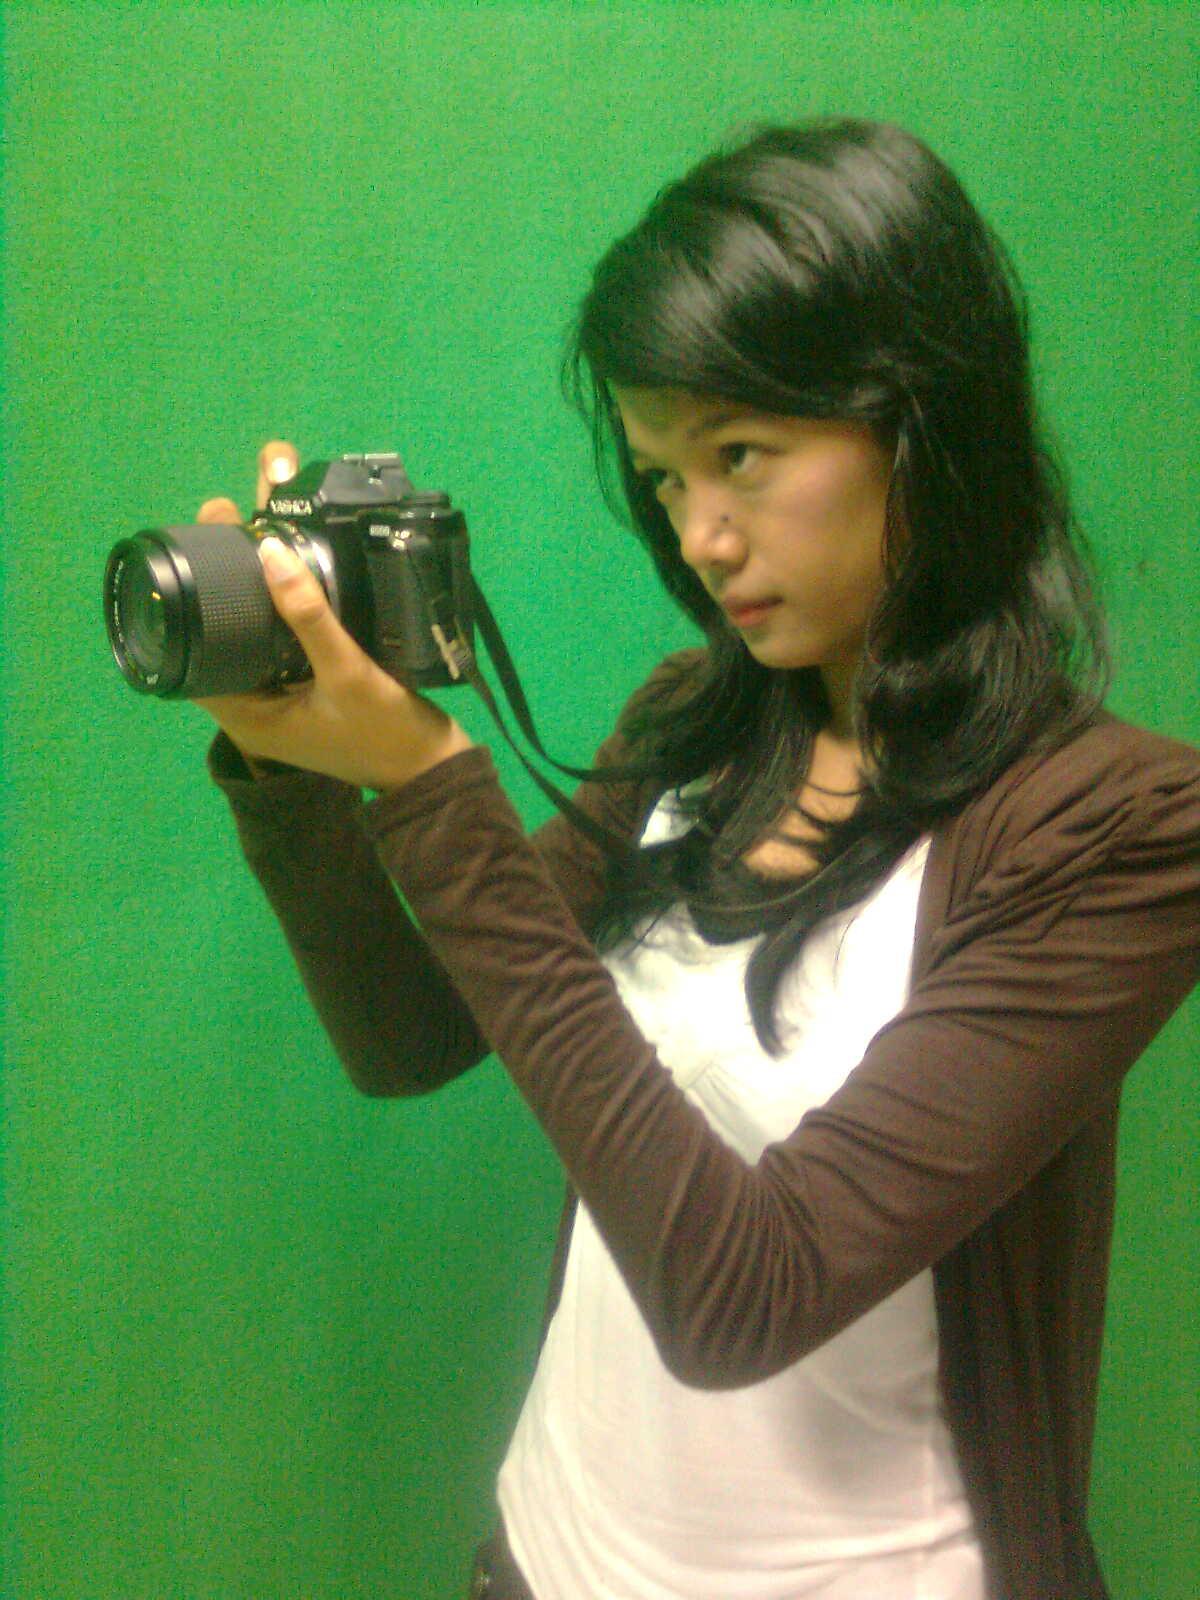 Mbak Indri Mau Action